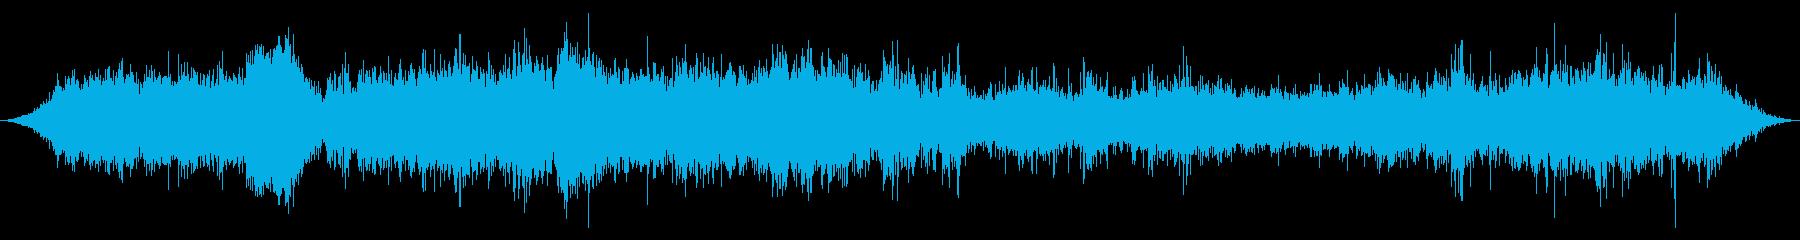 ロシアのオフロードジープオフロード...の再生済みの波形